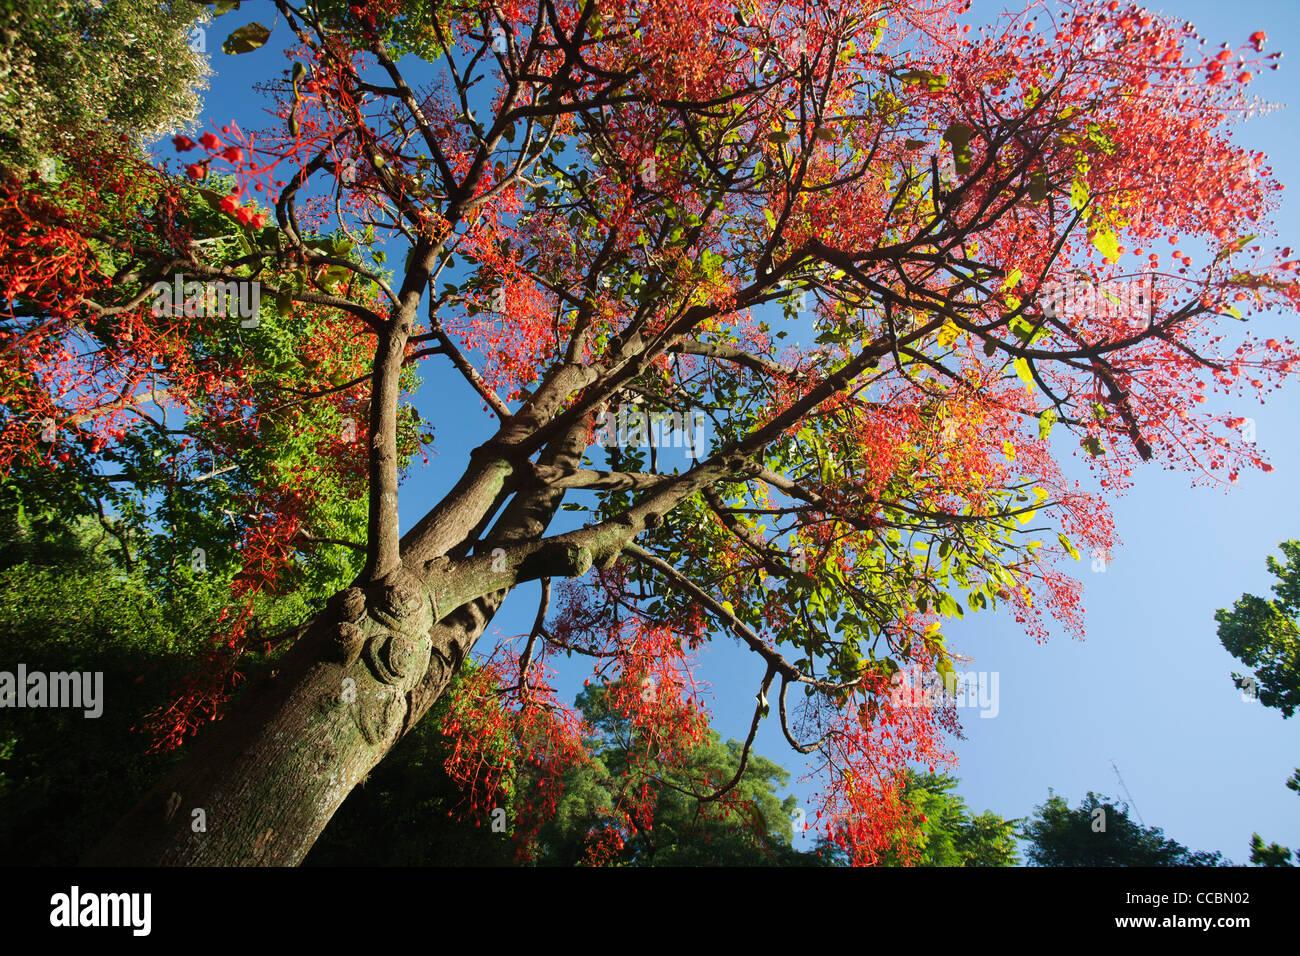 Illawara flame tree (Brachychiton acerifolius) - Stock Image